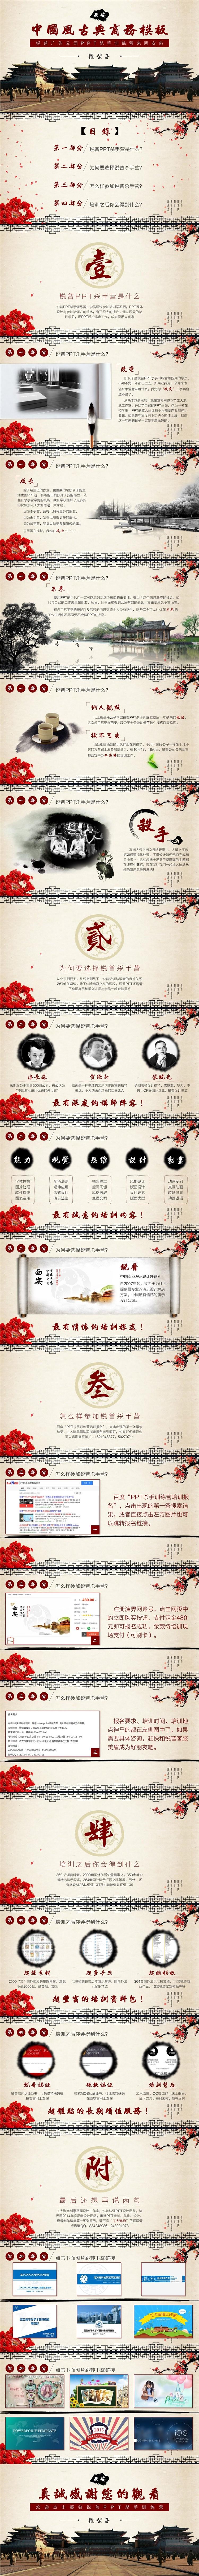 【限时免费】古朴中国风实用大气模板